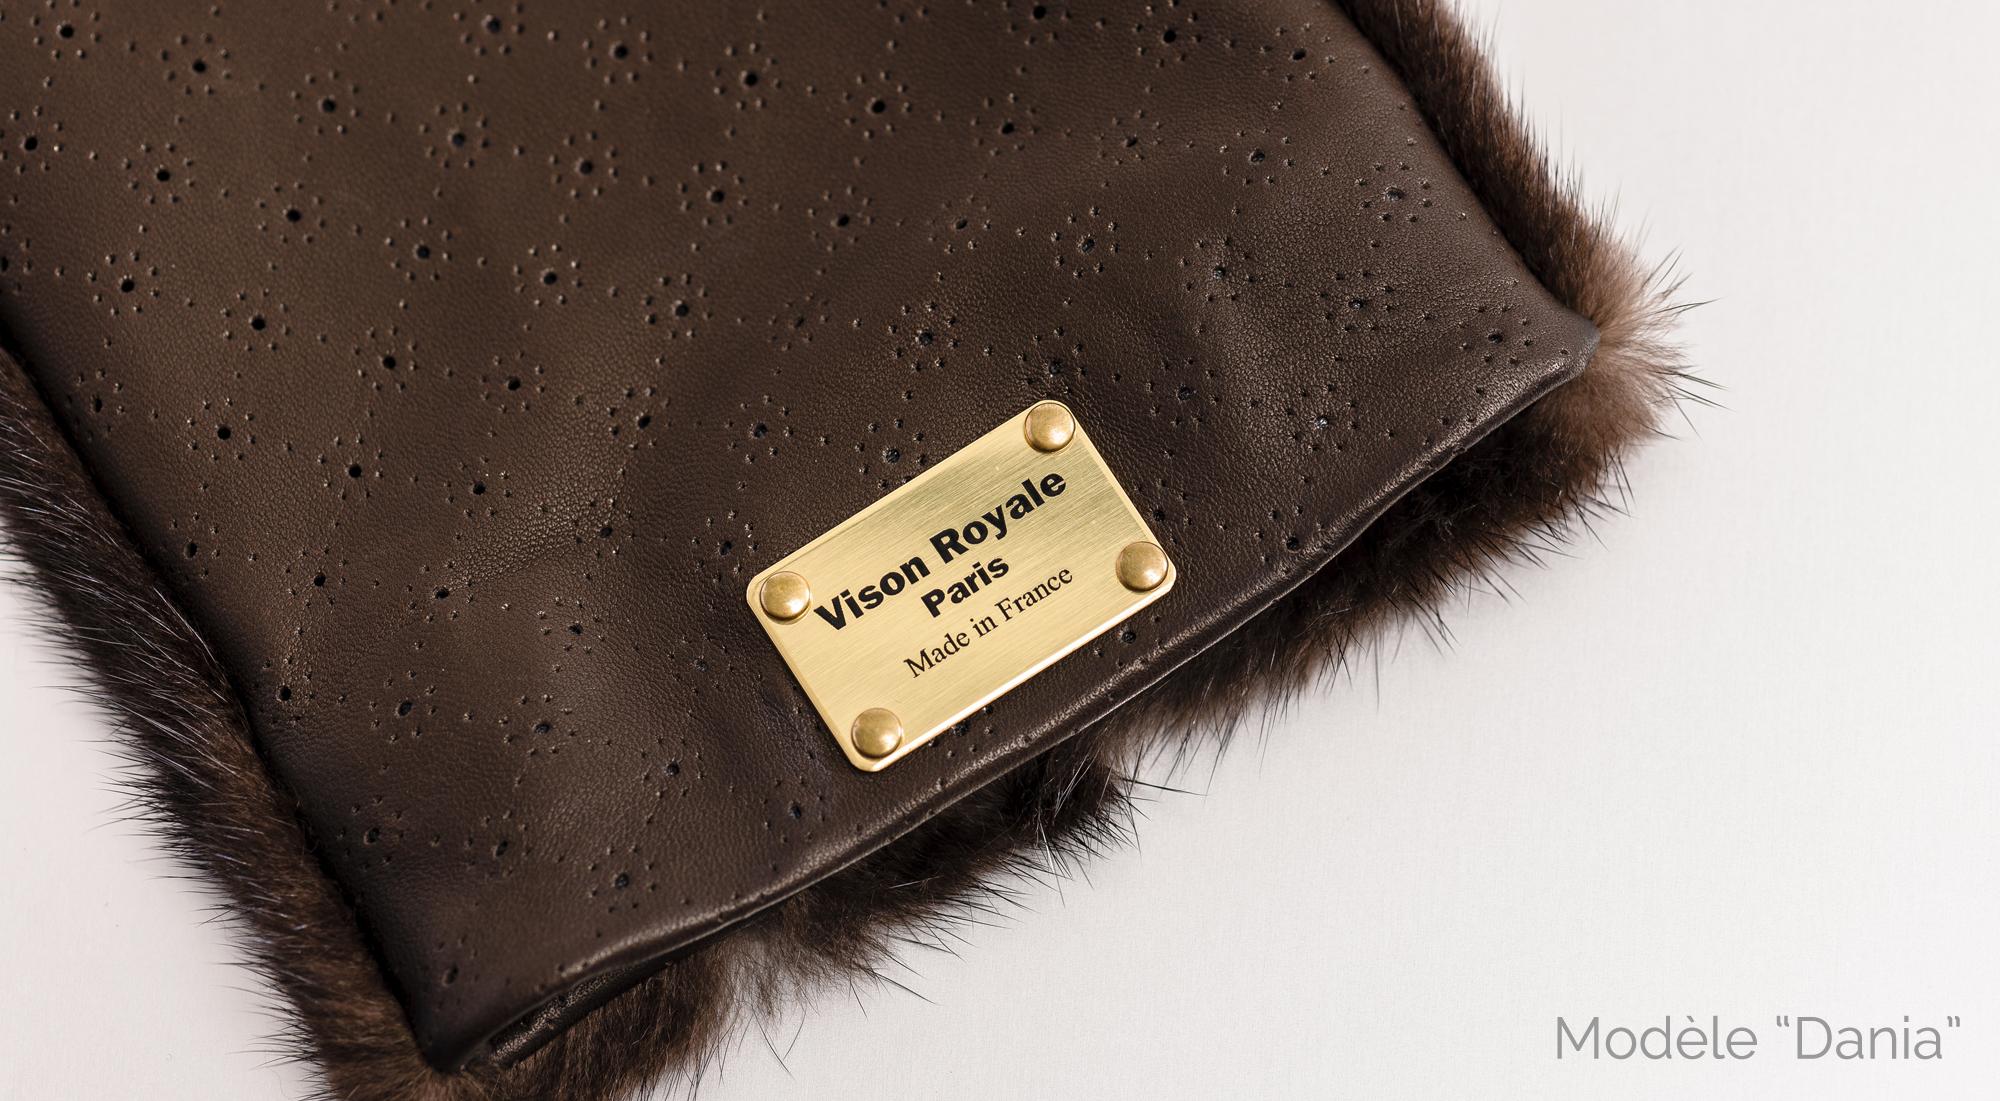 mink glove massage model saga vison royale massage gloves mink. Black Bedroom Furniture Sets. Home Design Ideas